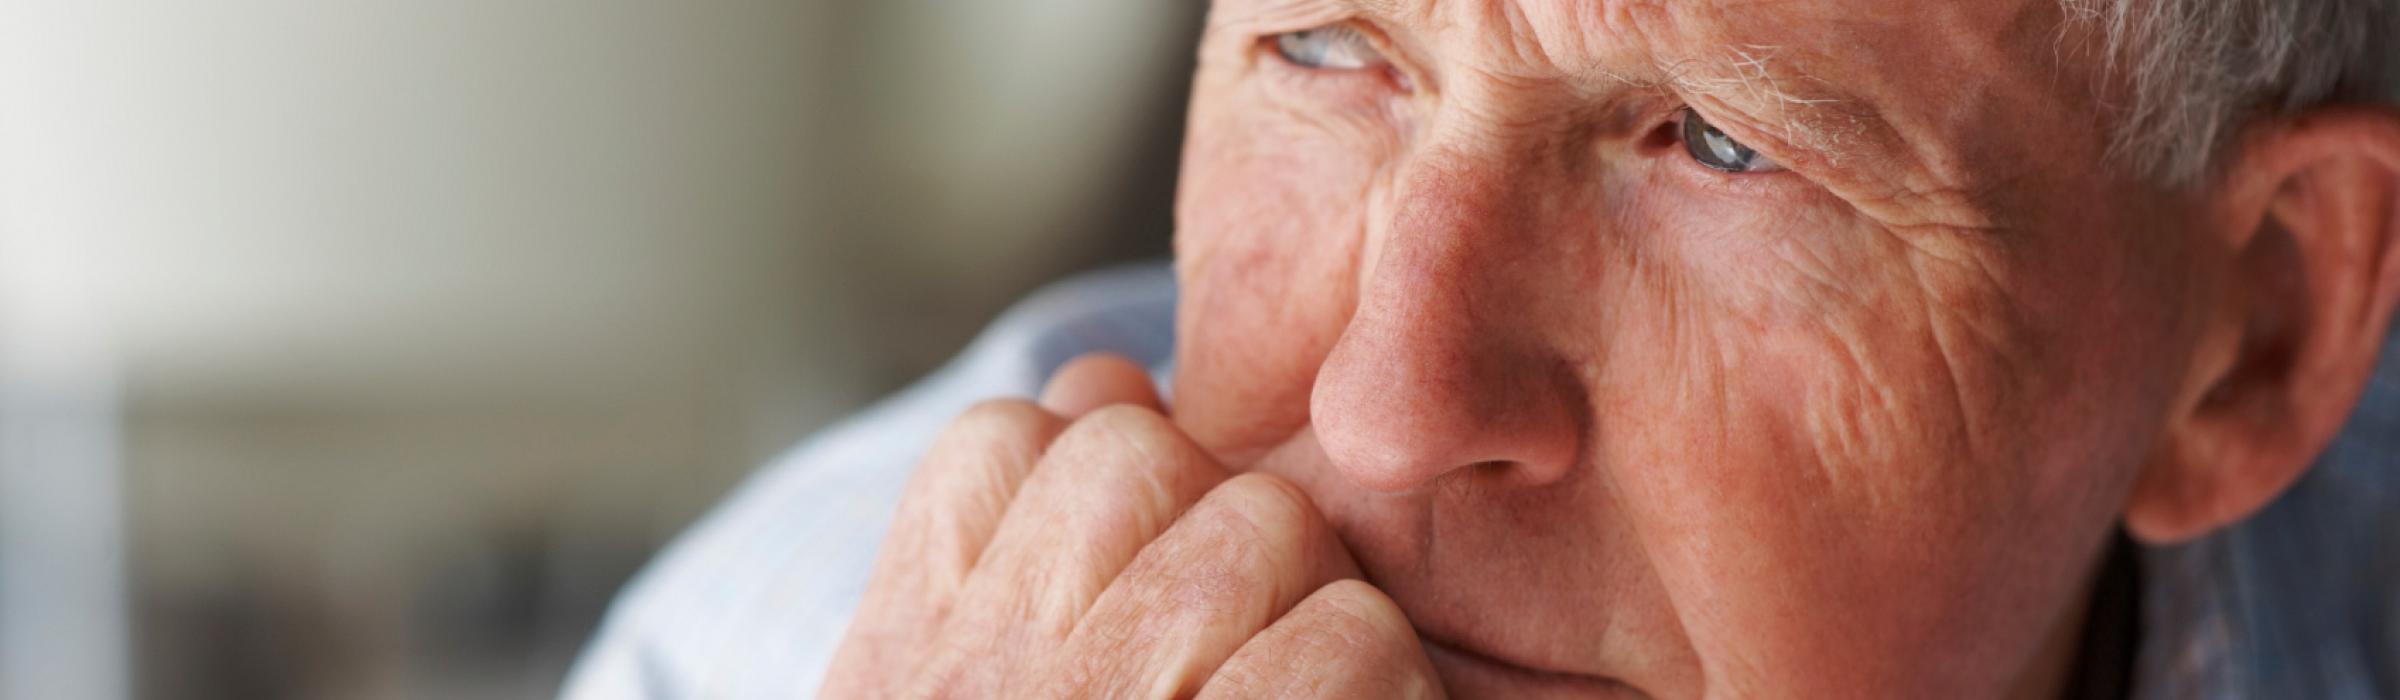 svamp i lungerne symptomer